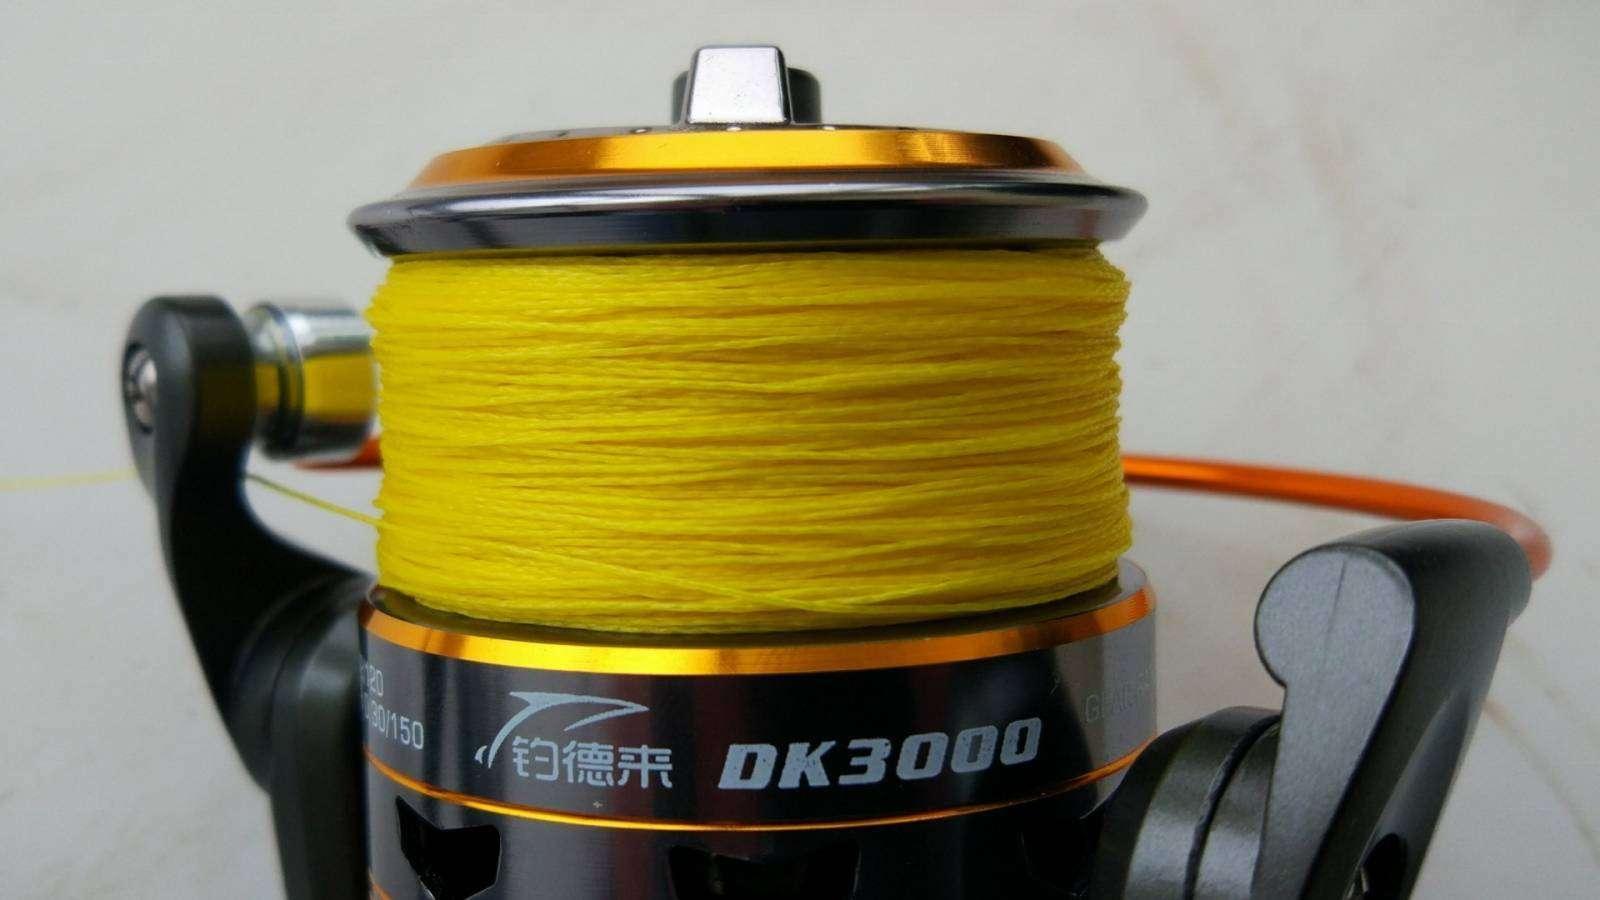 GearBest: Рыболовная катушка DIAODELAI DK-3000 11 Ball